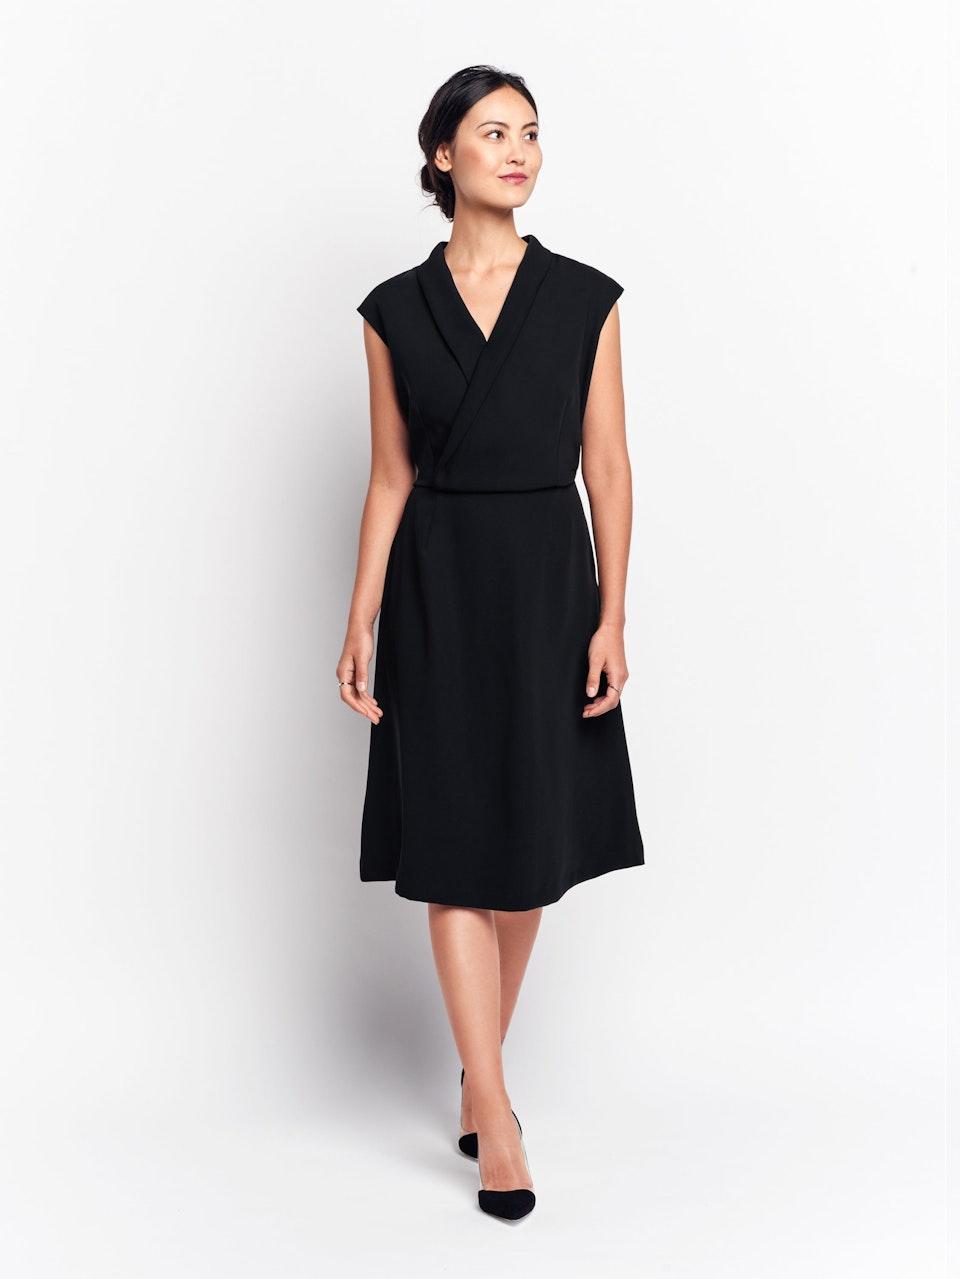 Allen Dress